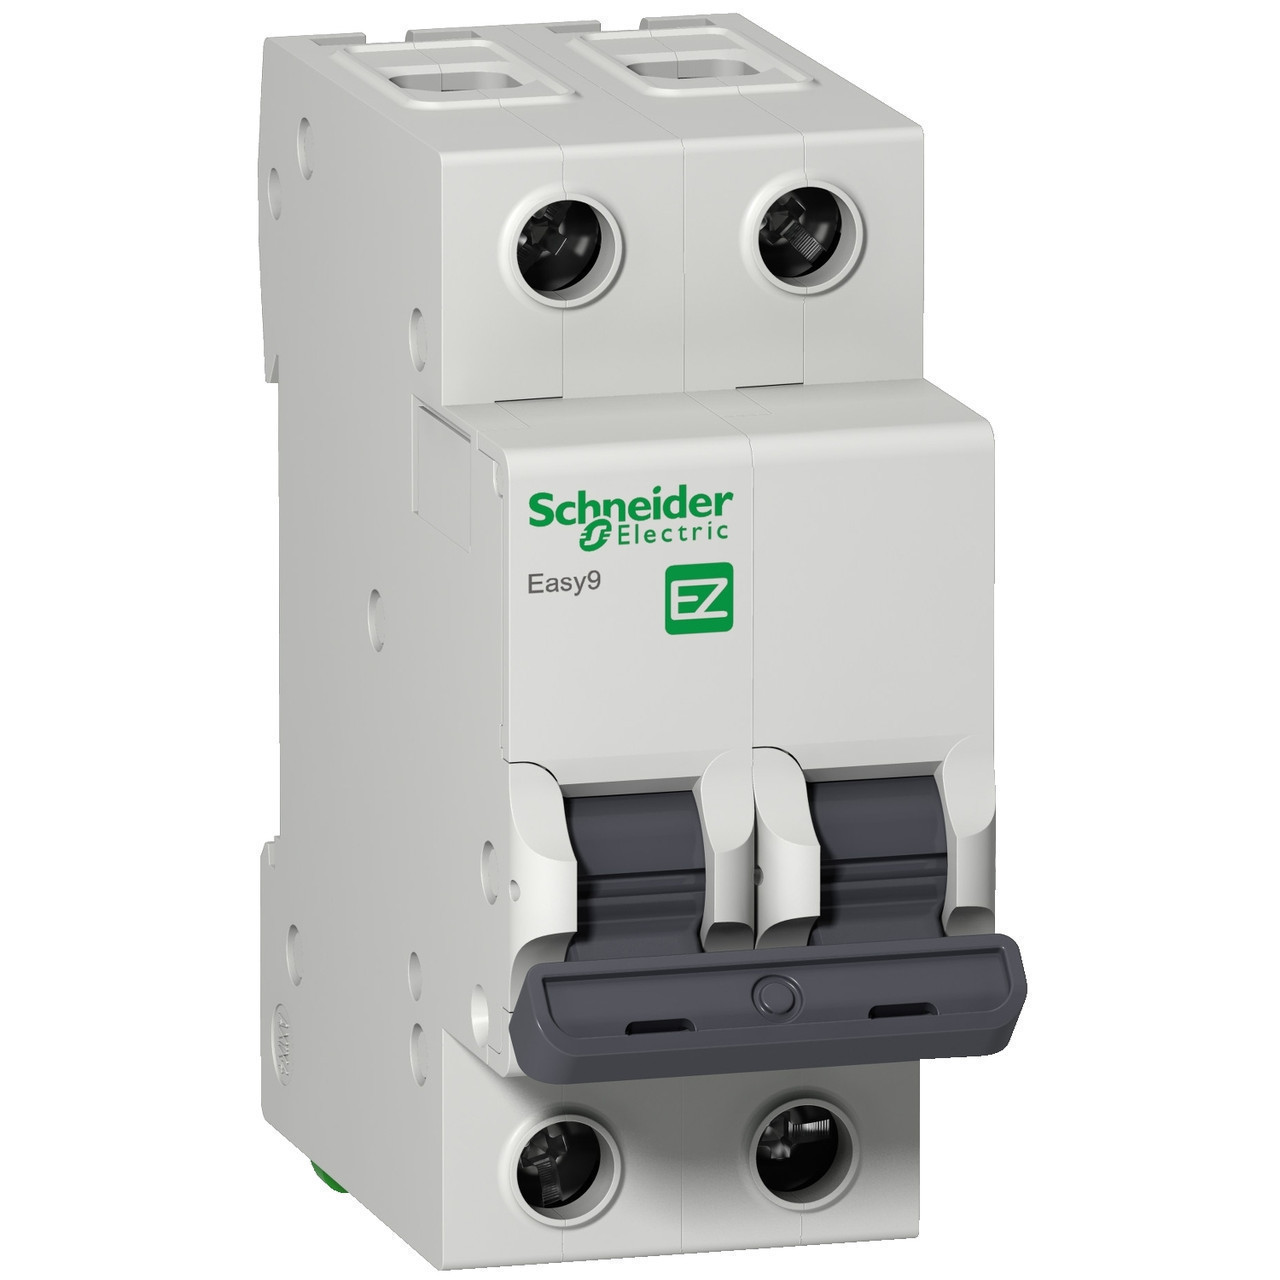 Автоматический выключатель EZ9F14263 Easy9 Schneider 2P, 63A, тип «B»